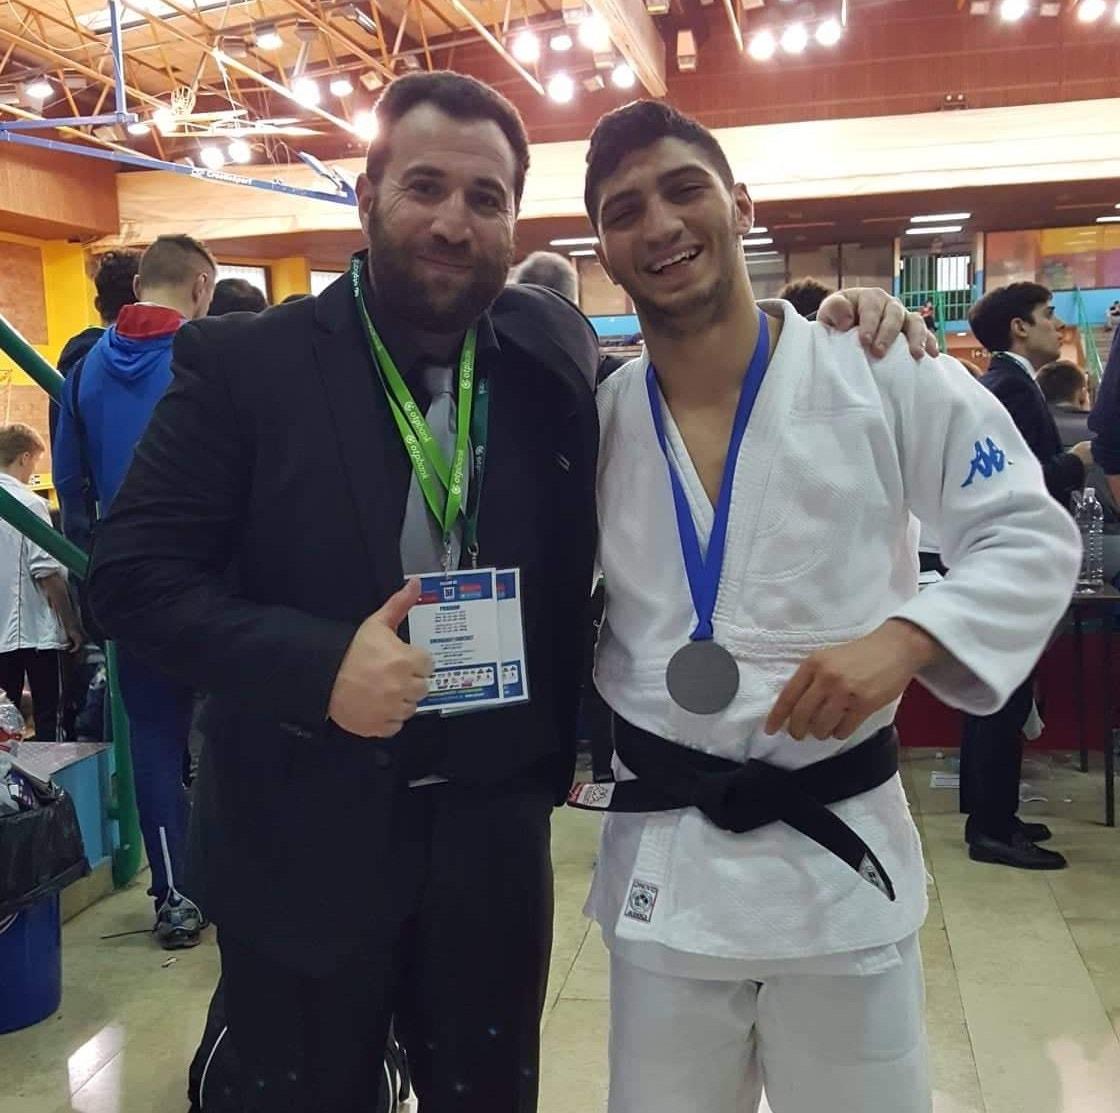 Panagiotis Shakkos pictured with coach Marinos Piponas